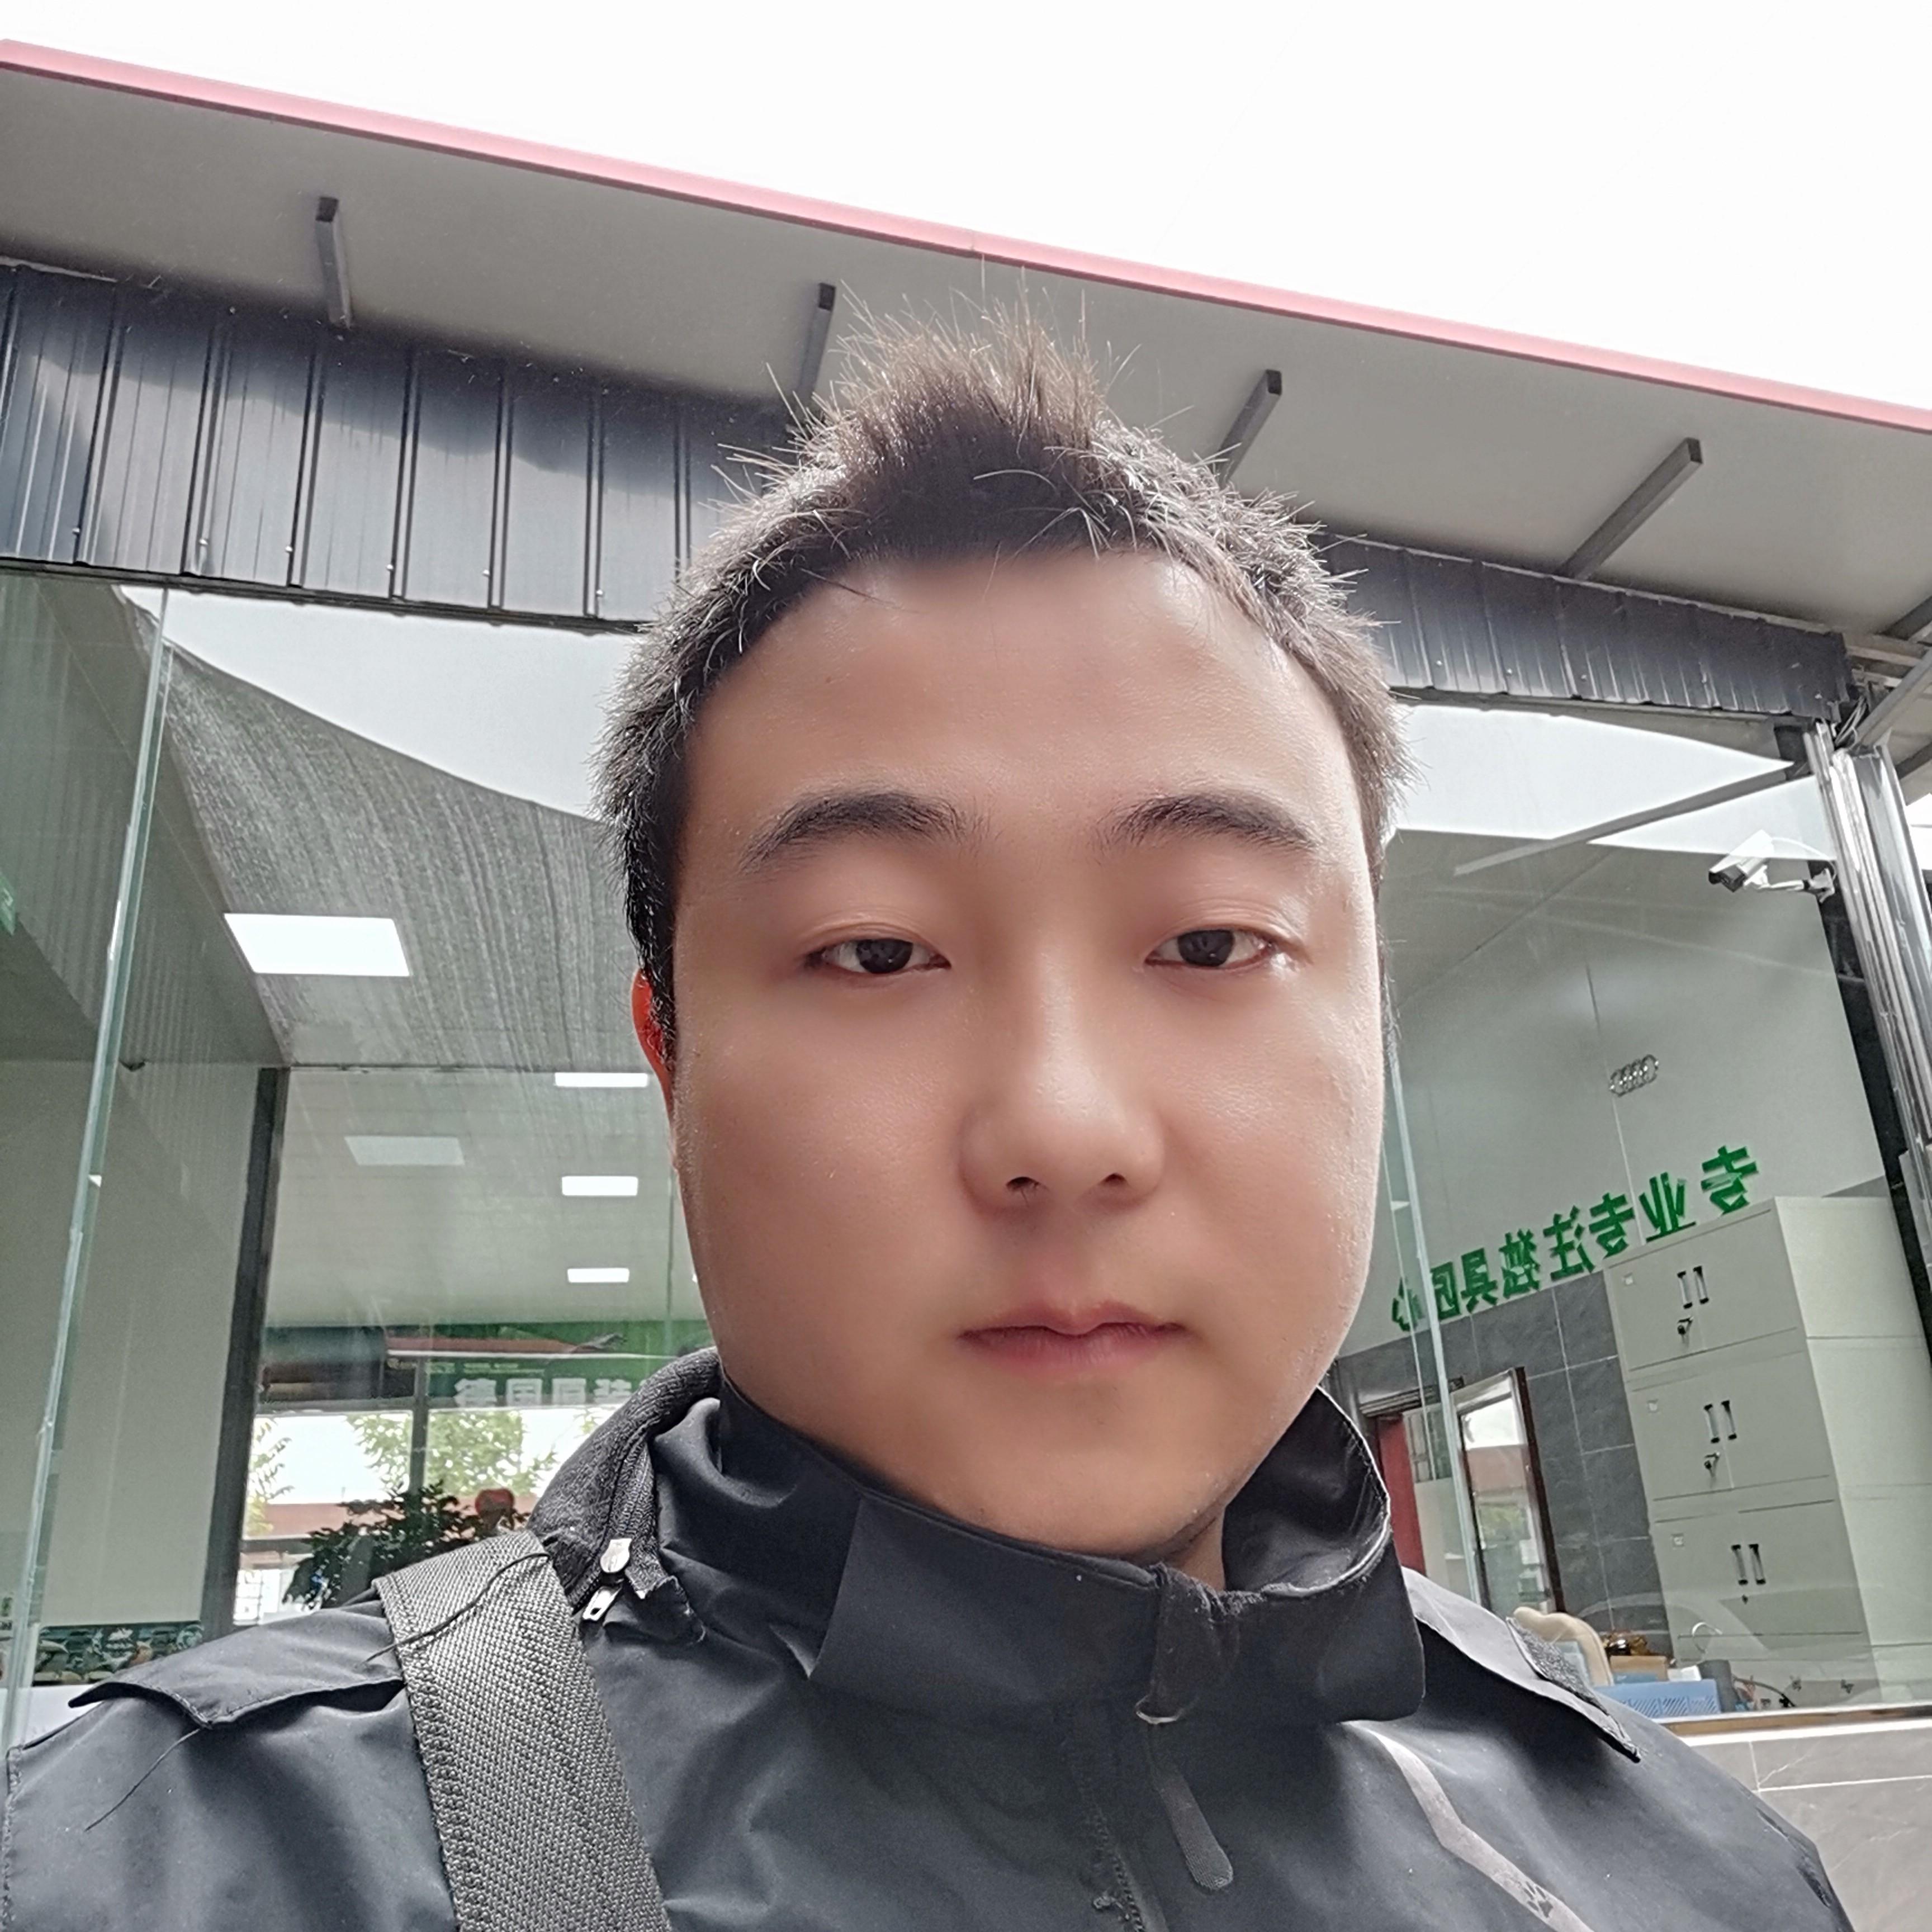 去年海棠锁朱楼的照片